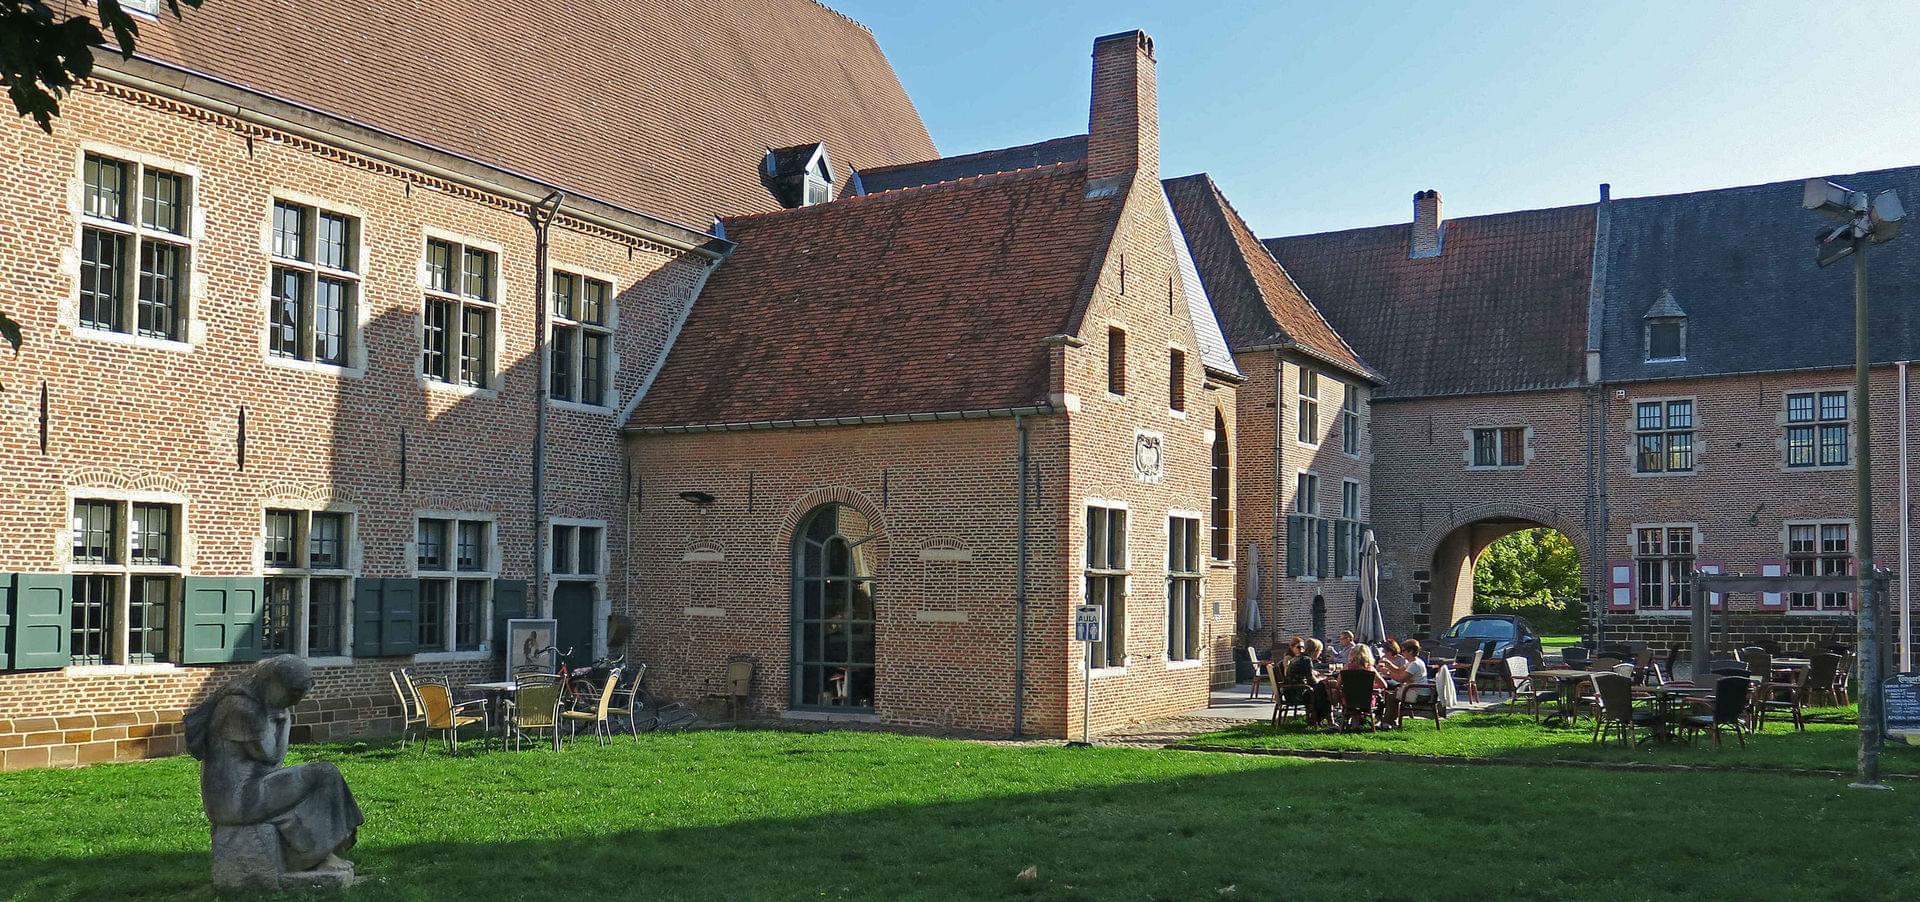 De Kapel, uw taverne en eetcafé gelegen in het Begijnhof van Diest | De  Kapel